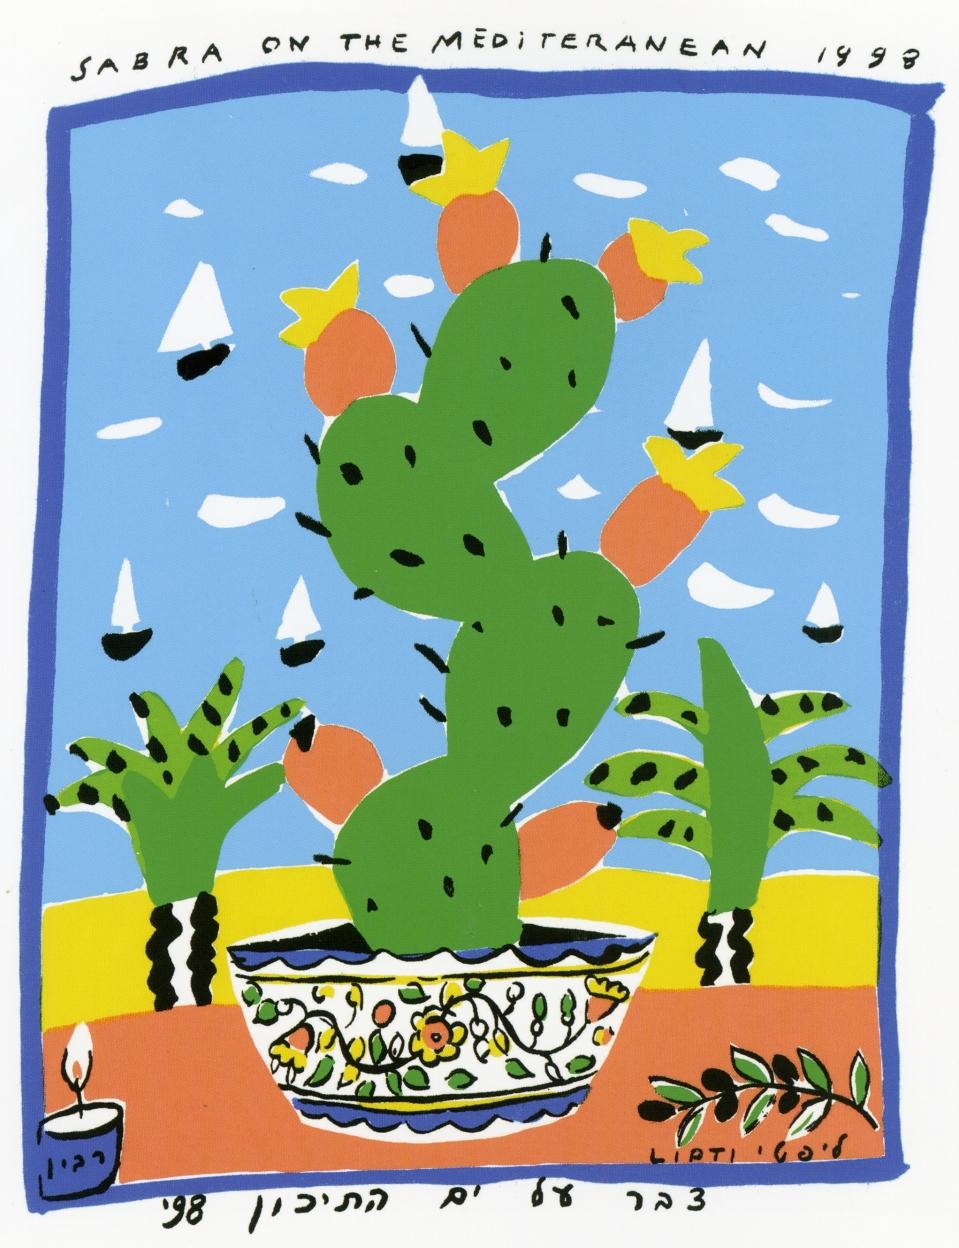 ציור רות אדלר צבר על הים התיכון 1998 ספר ישראל על פי ליפטי